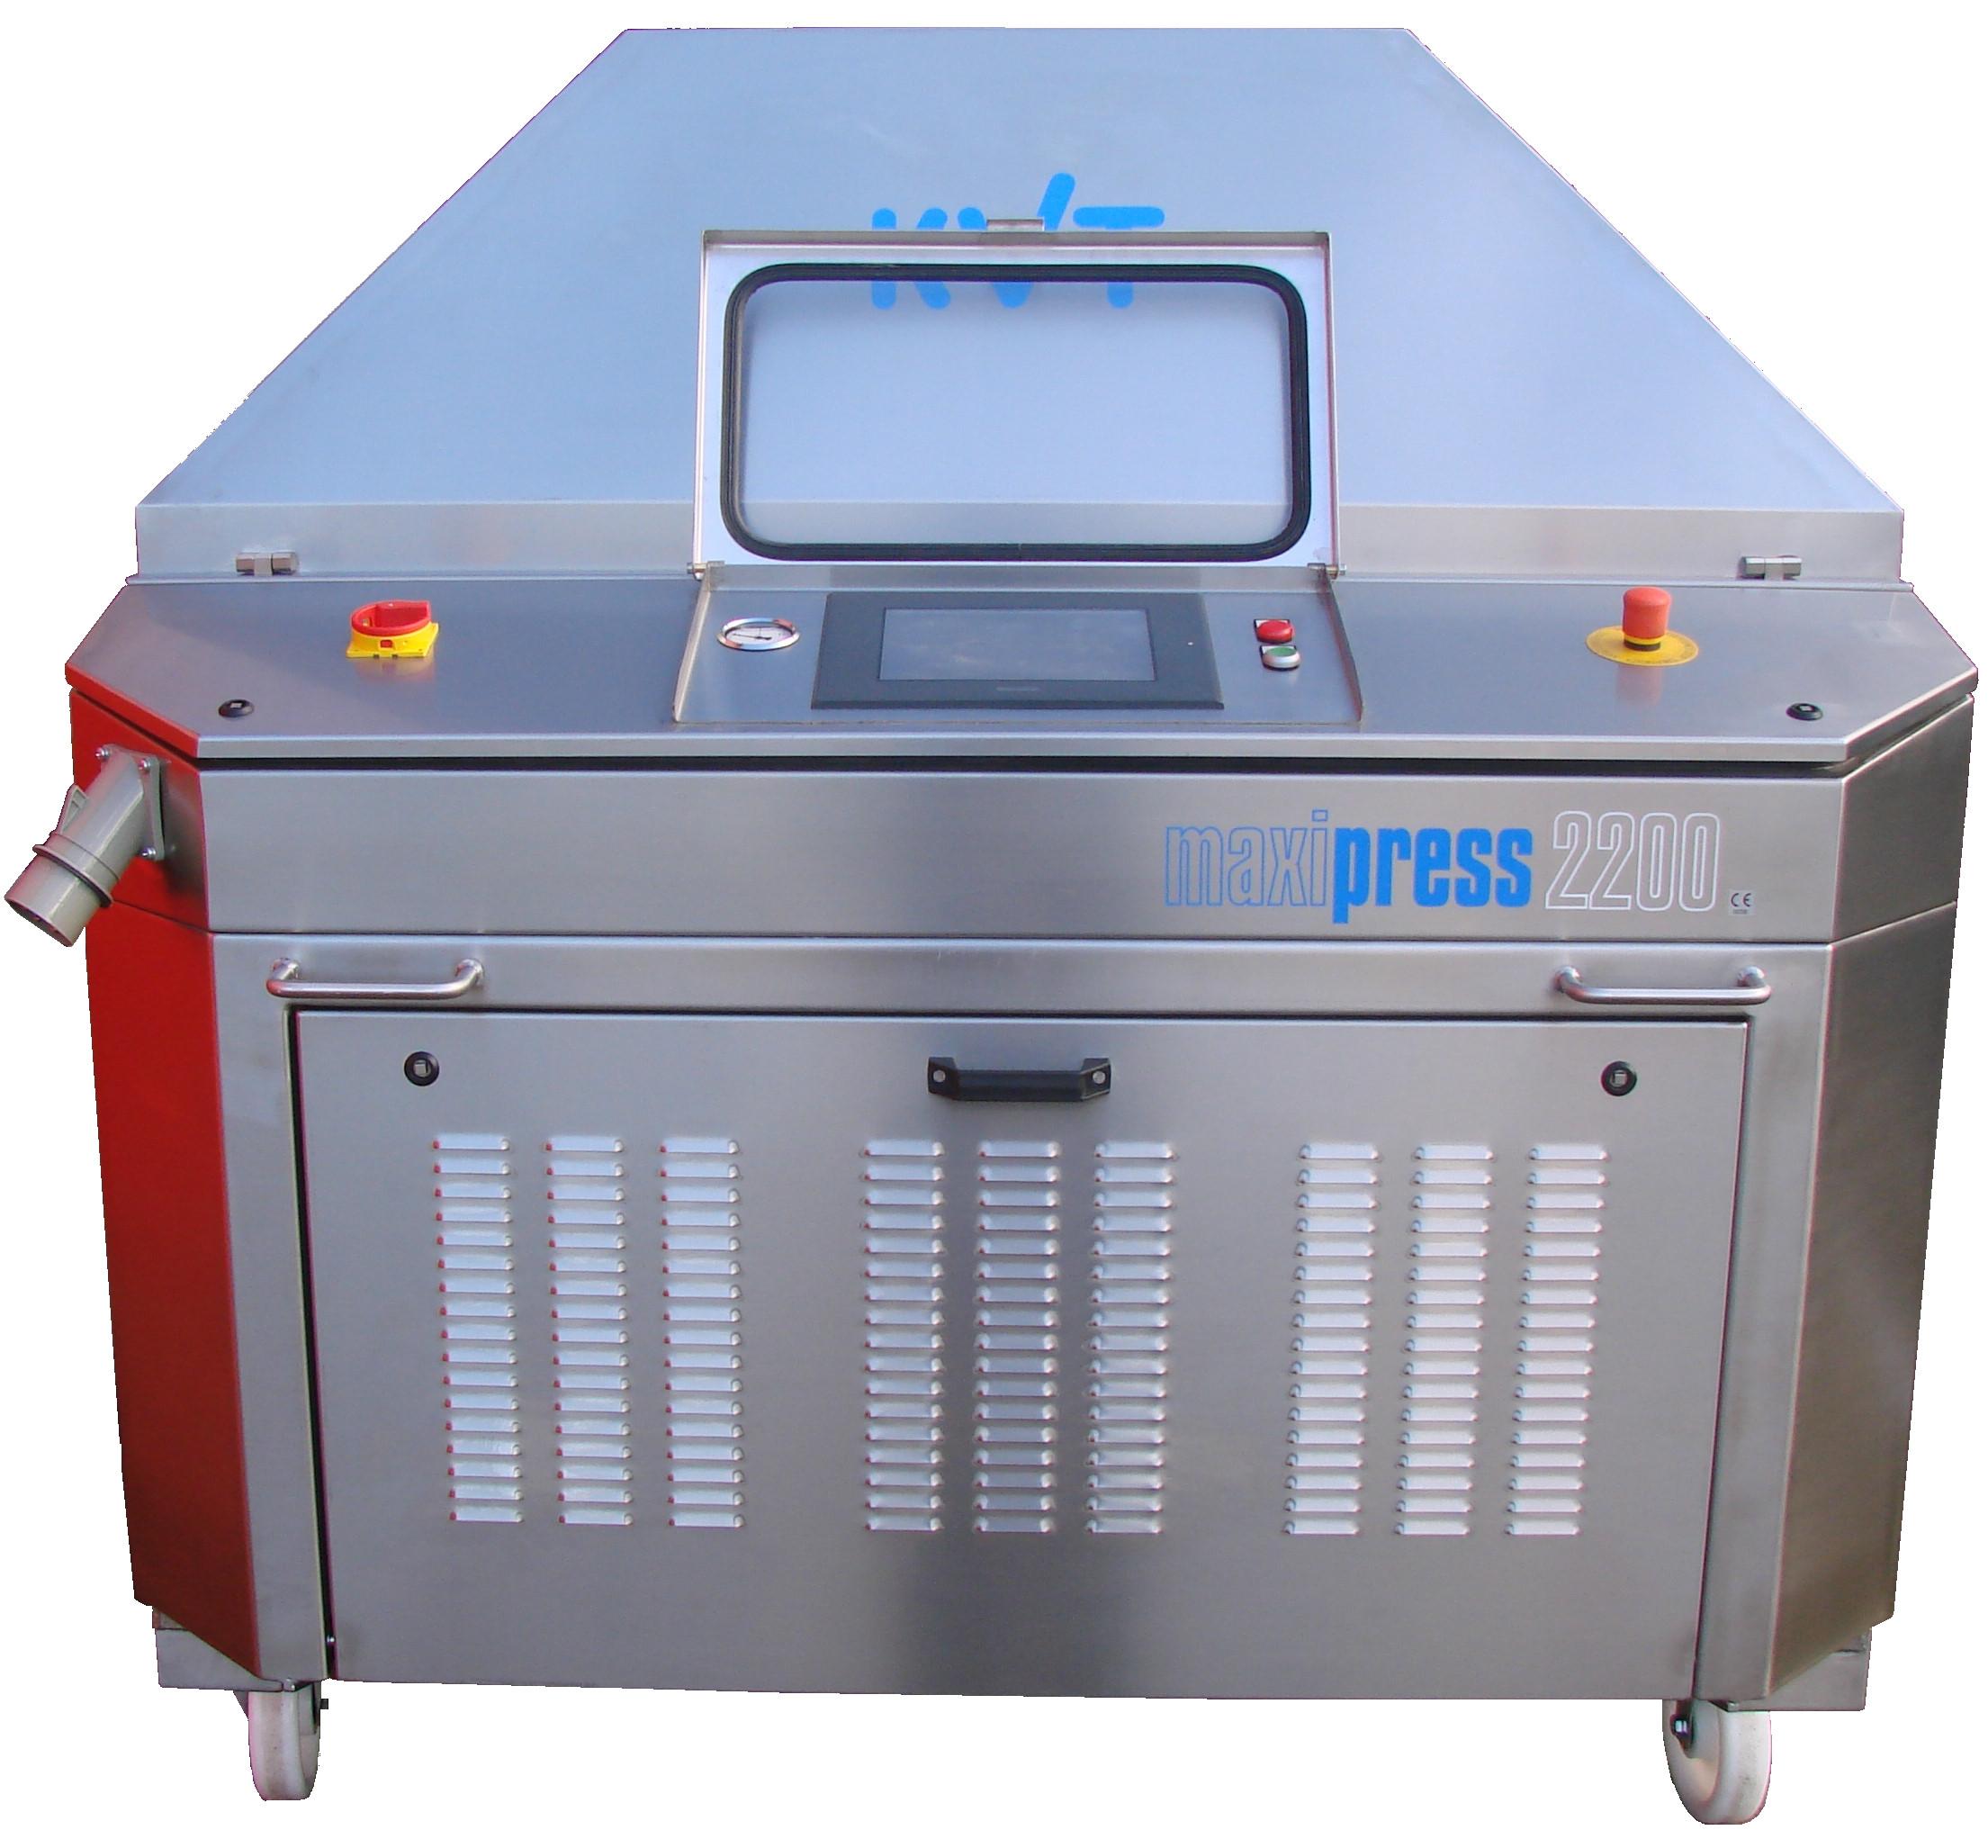 KVT-Weinpresse-MAXI-PRESS-2200-Steuerungsseite